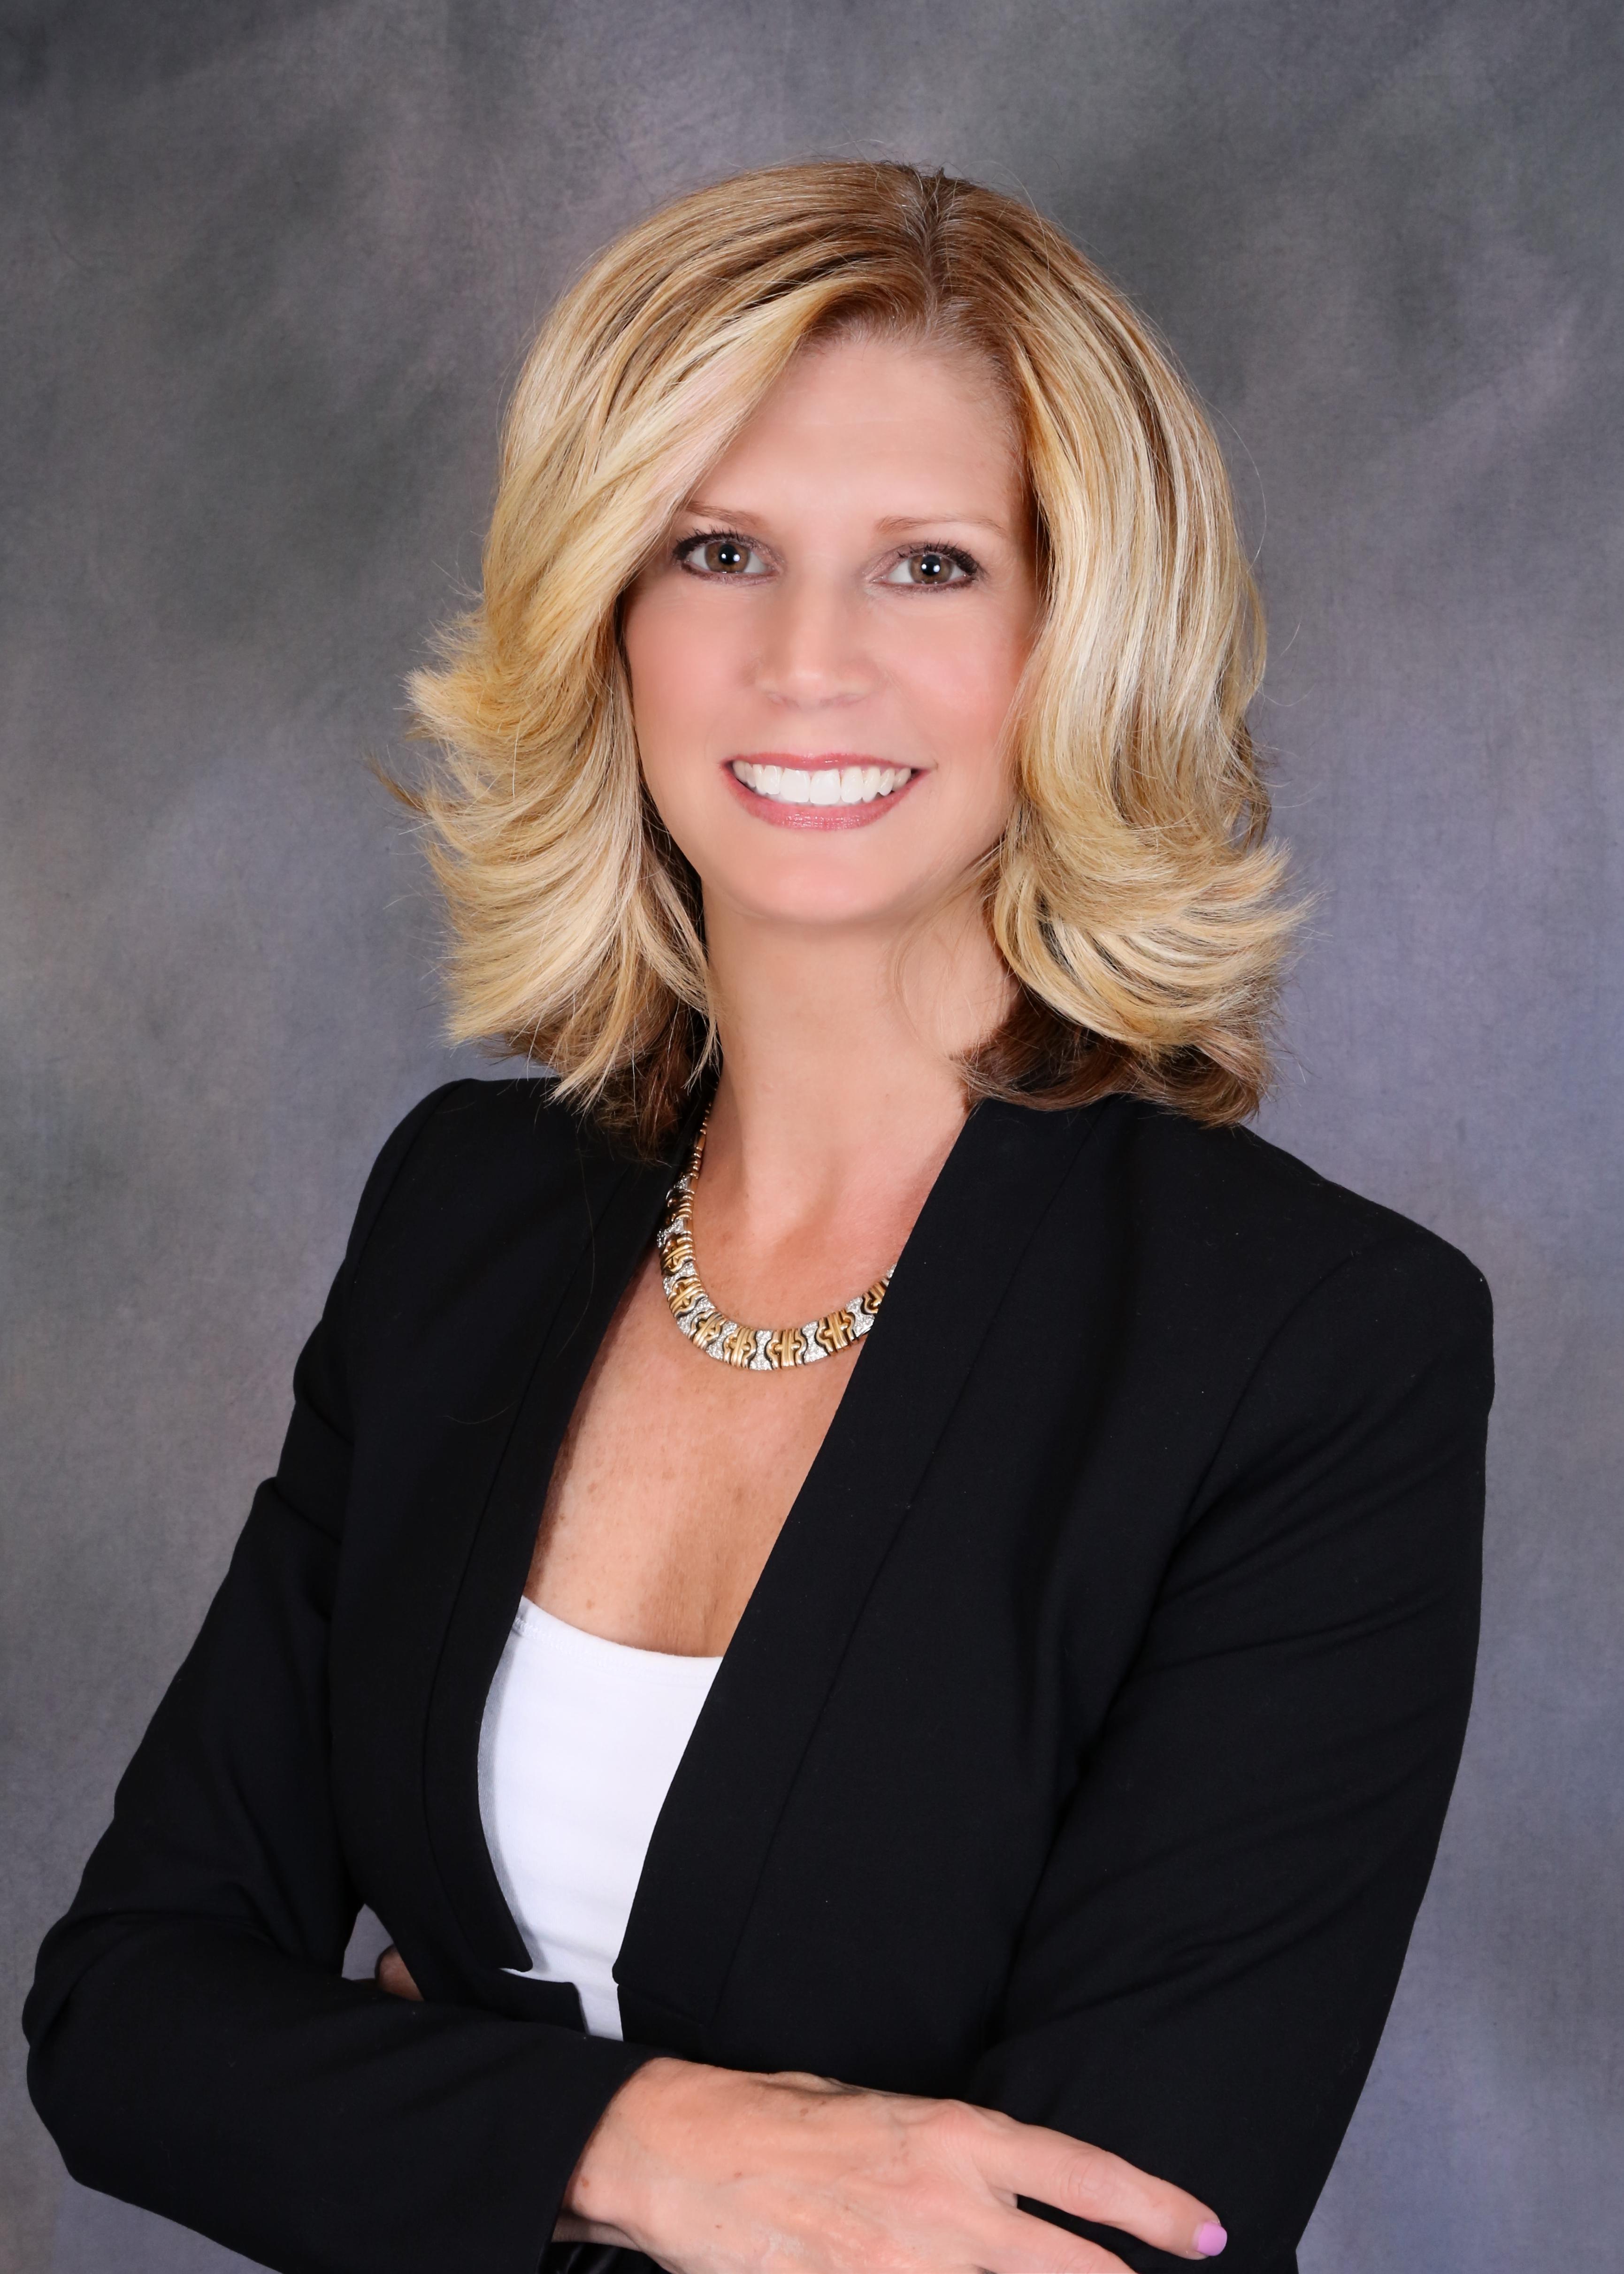 Donna Jungsberger, ABR, SRS